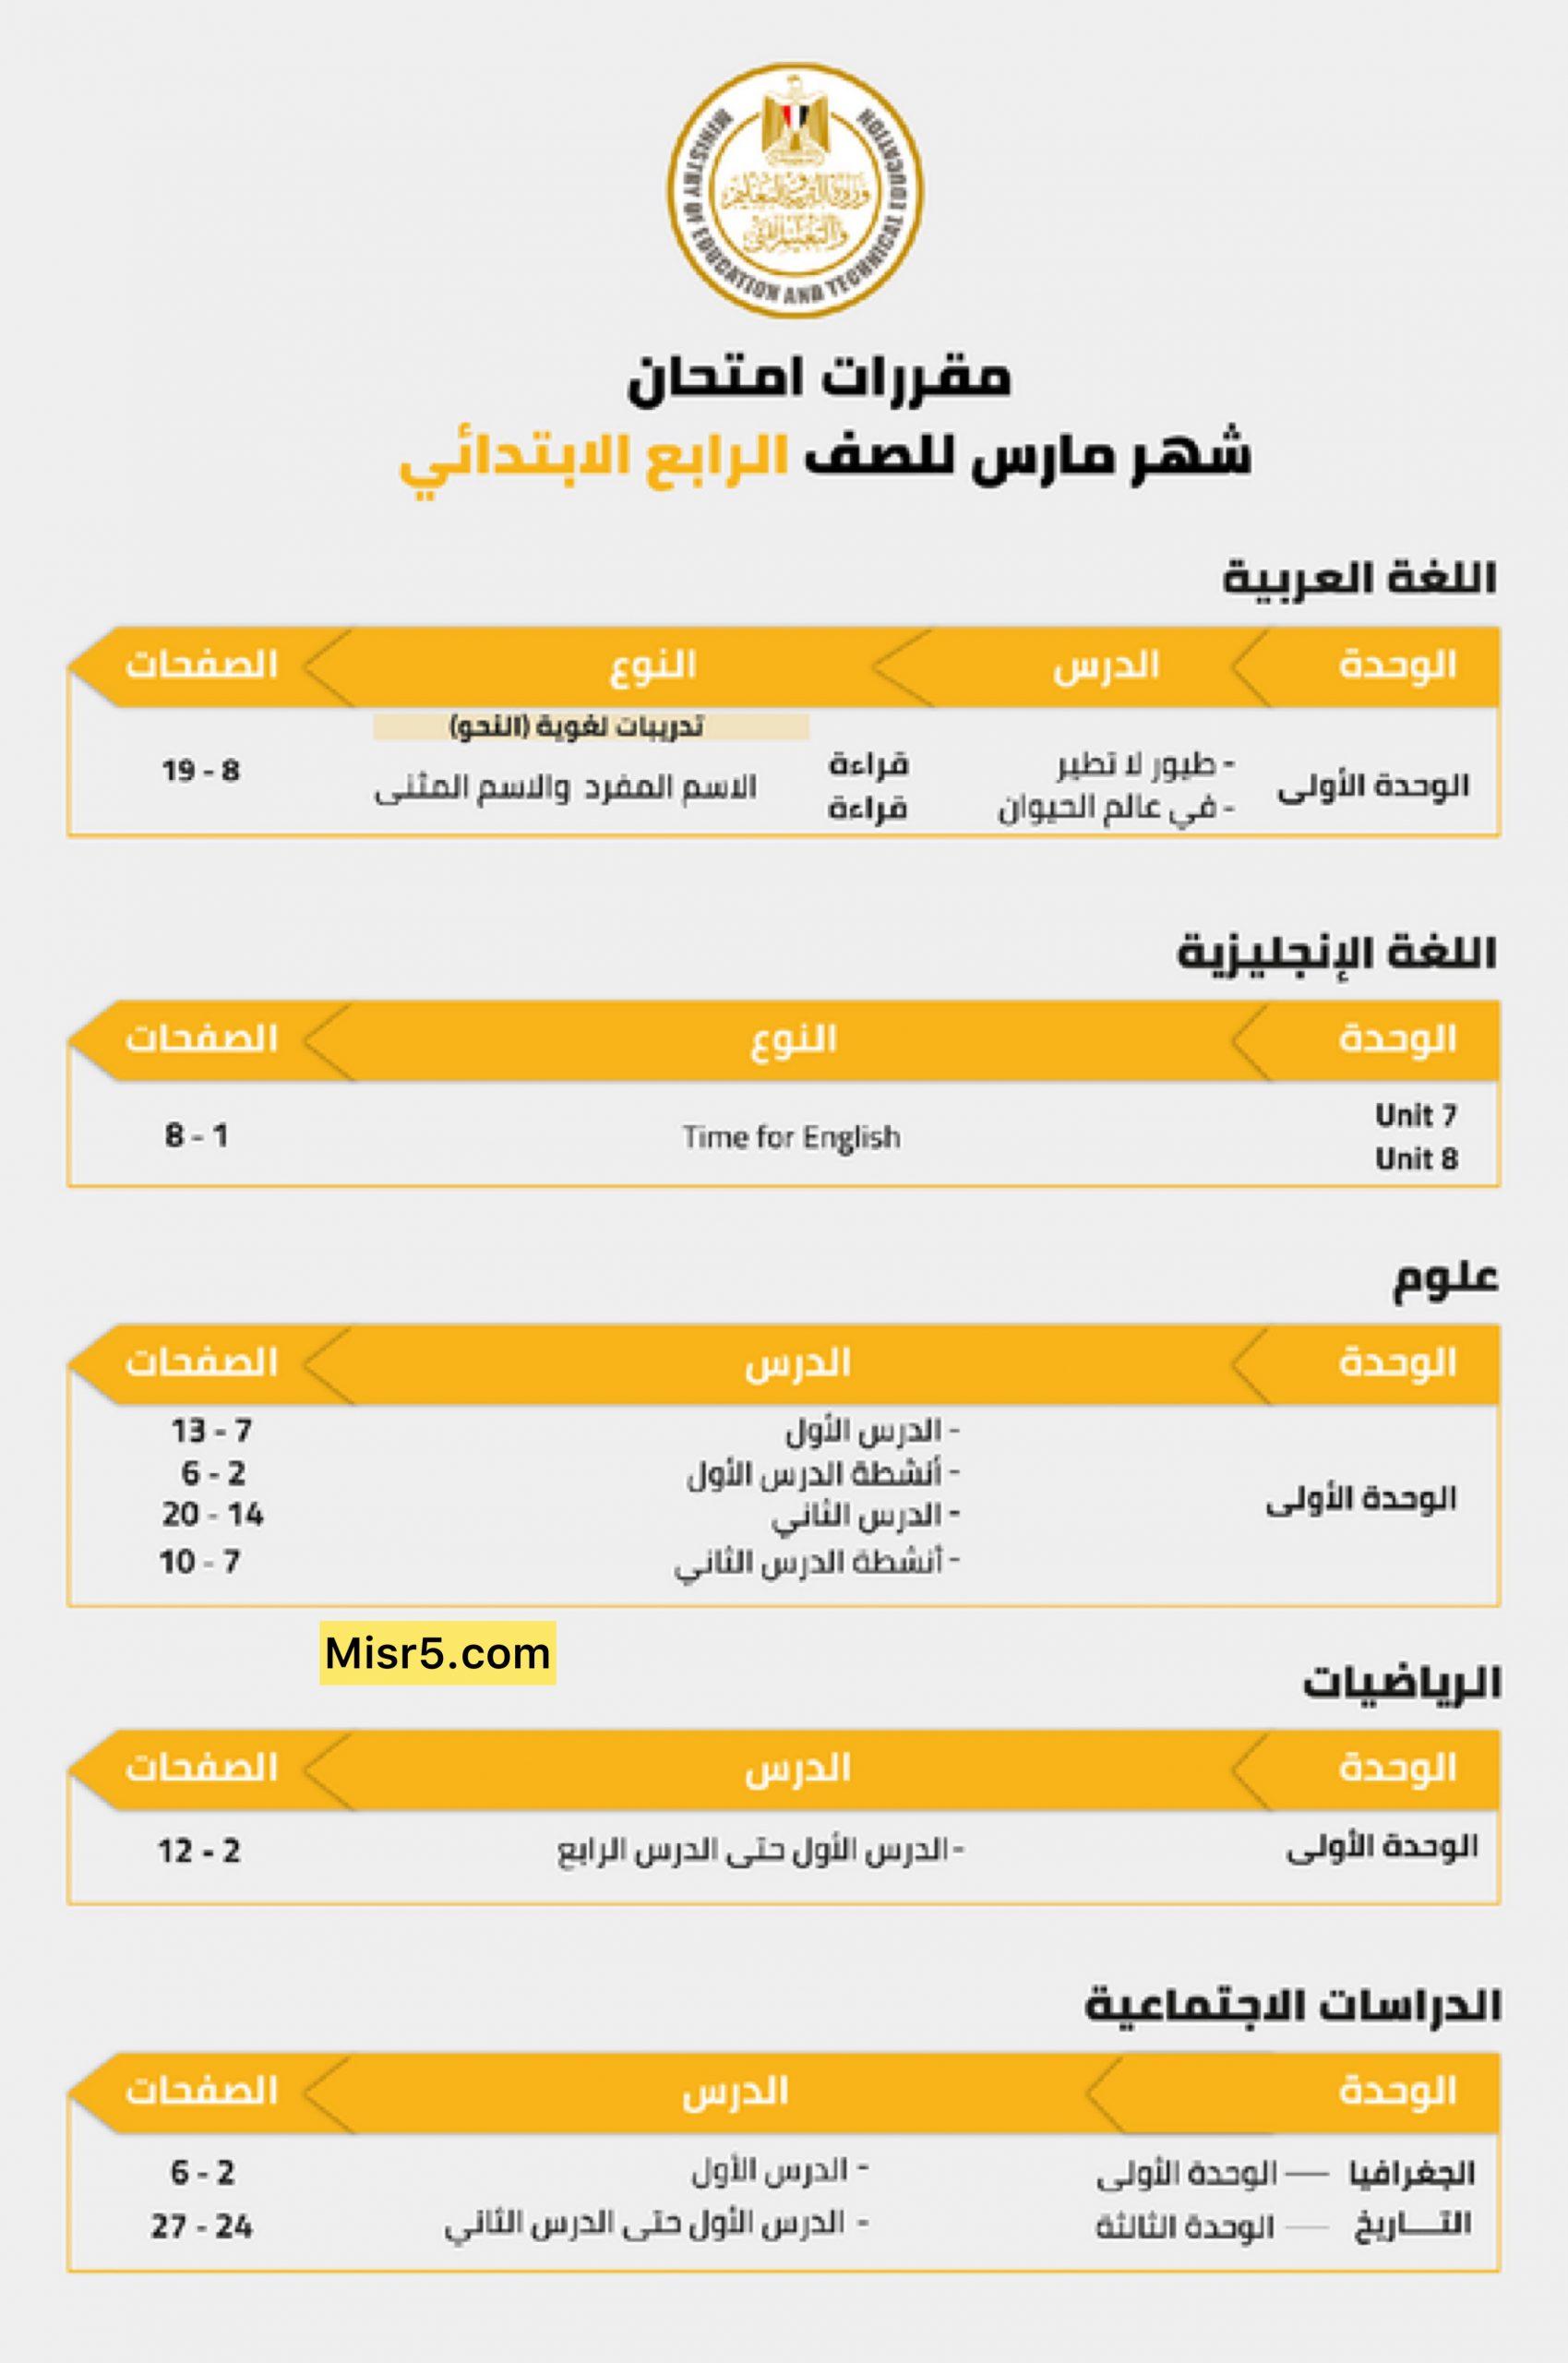 عاجل وزارة التربية والتعليم | تعلن مقررات مراحل الإبتدائية والإعدادية لشهر مارس 3